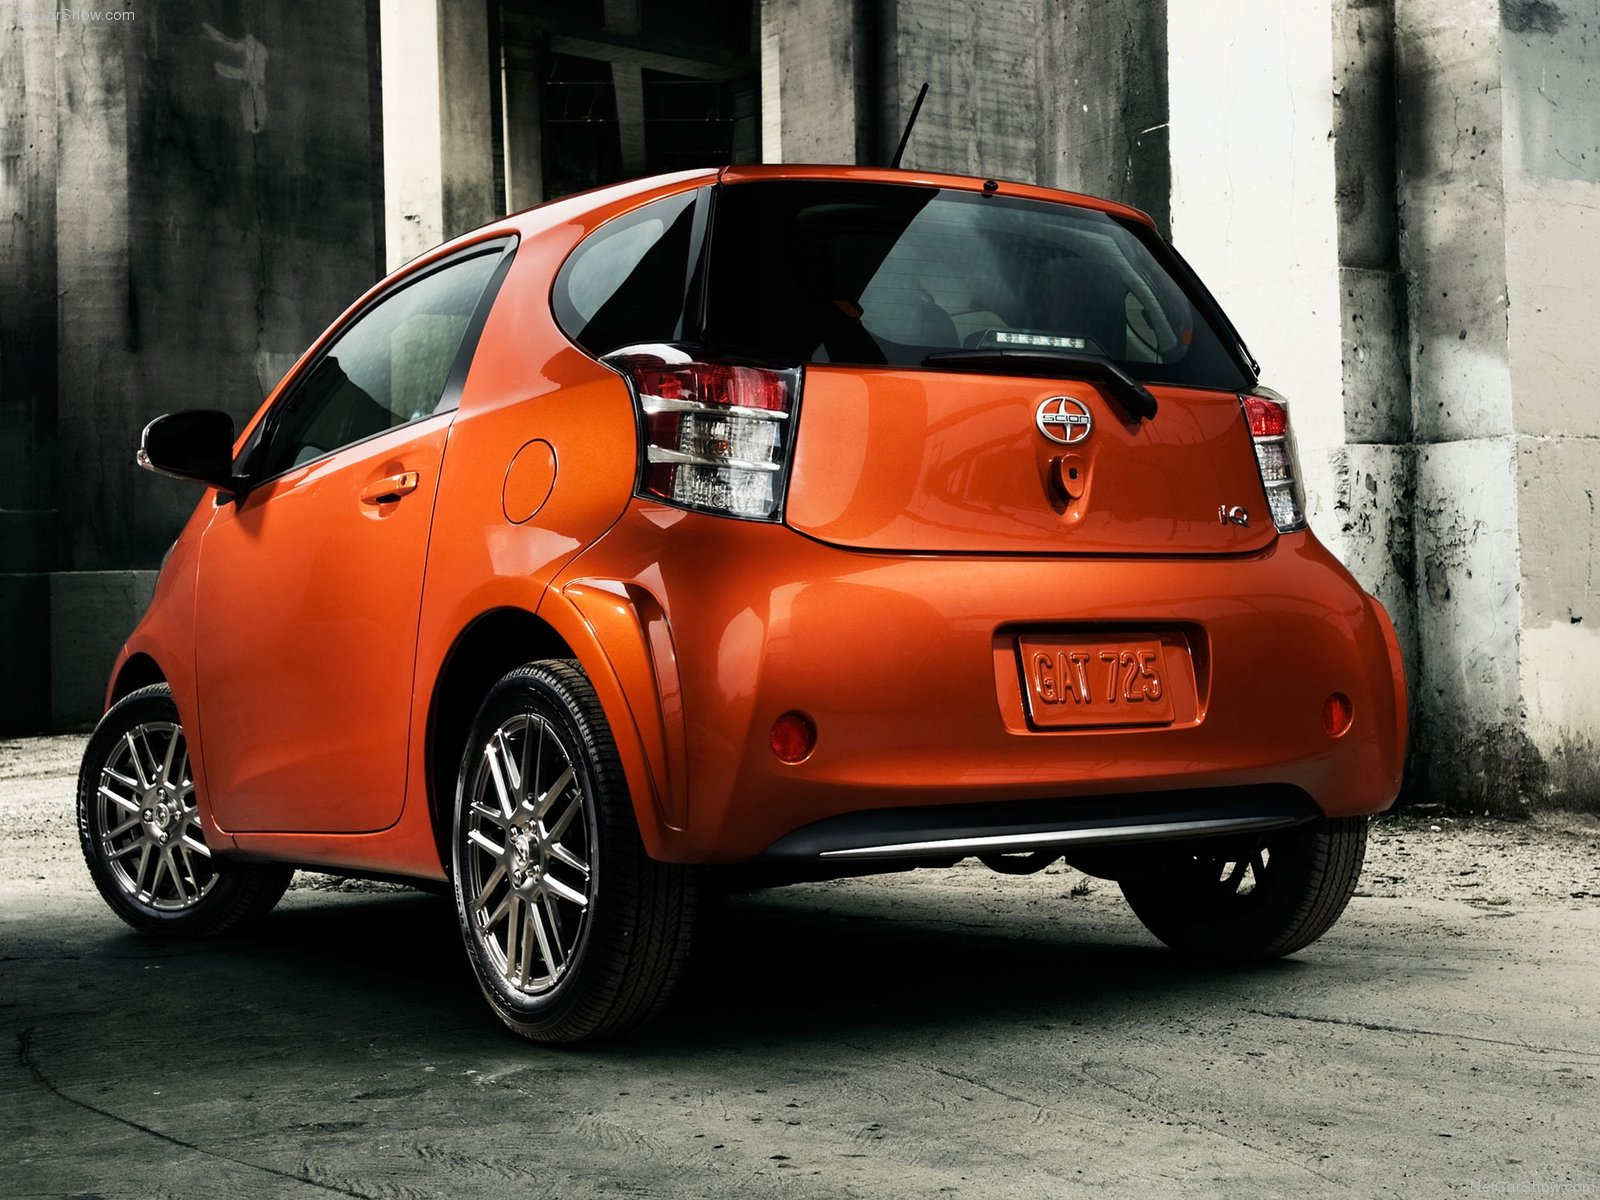 Hình ảnh xe ô tô Scion iQ 2012 & nội ngoại thất